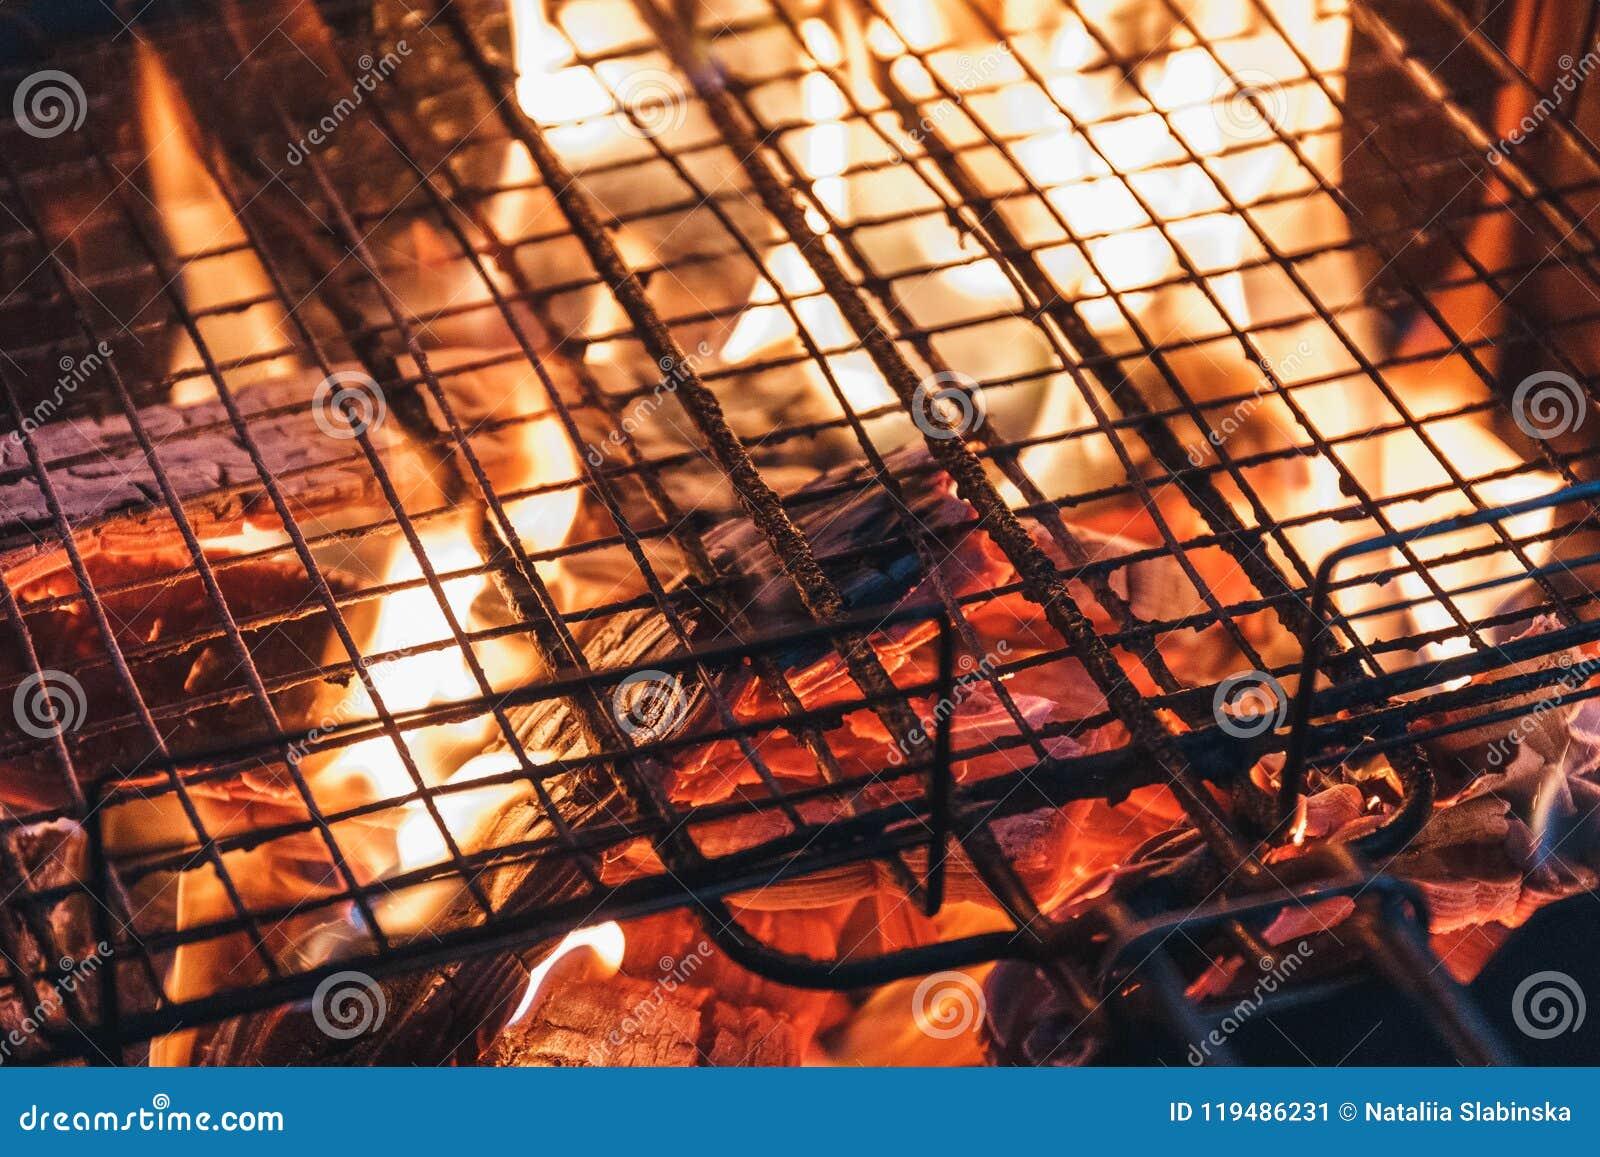 Rete del metallo sopra il legno bruciante del tizzone del carbone del fuoco nella griglia del barbecue a